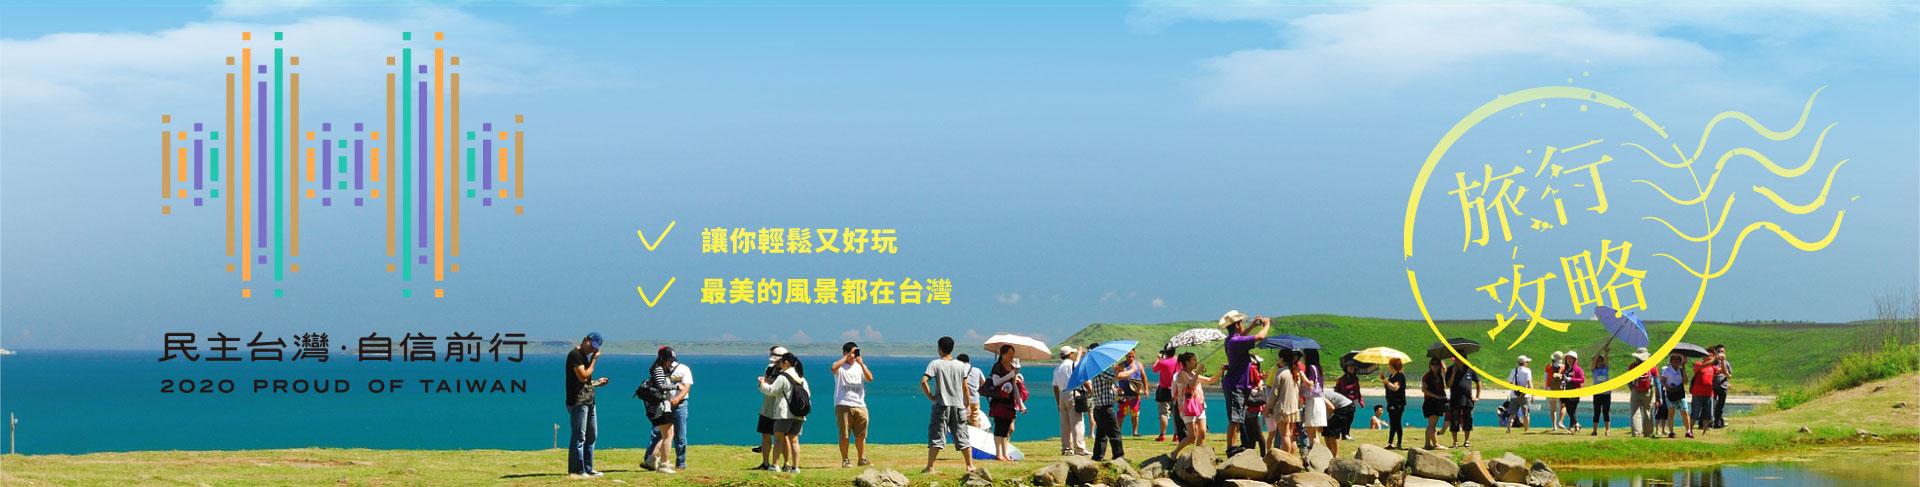 歡迎僑胞參加十月慶典旅遊